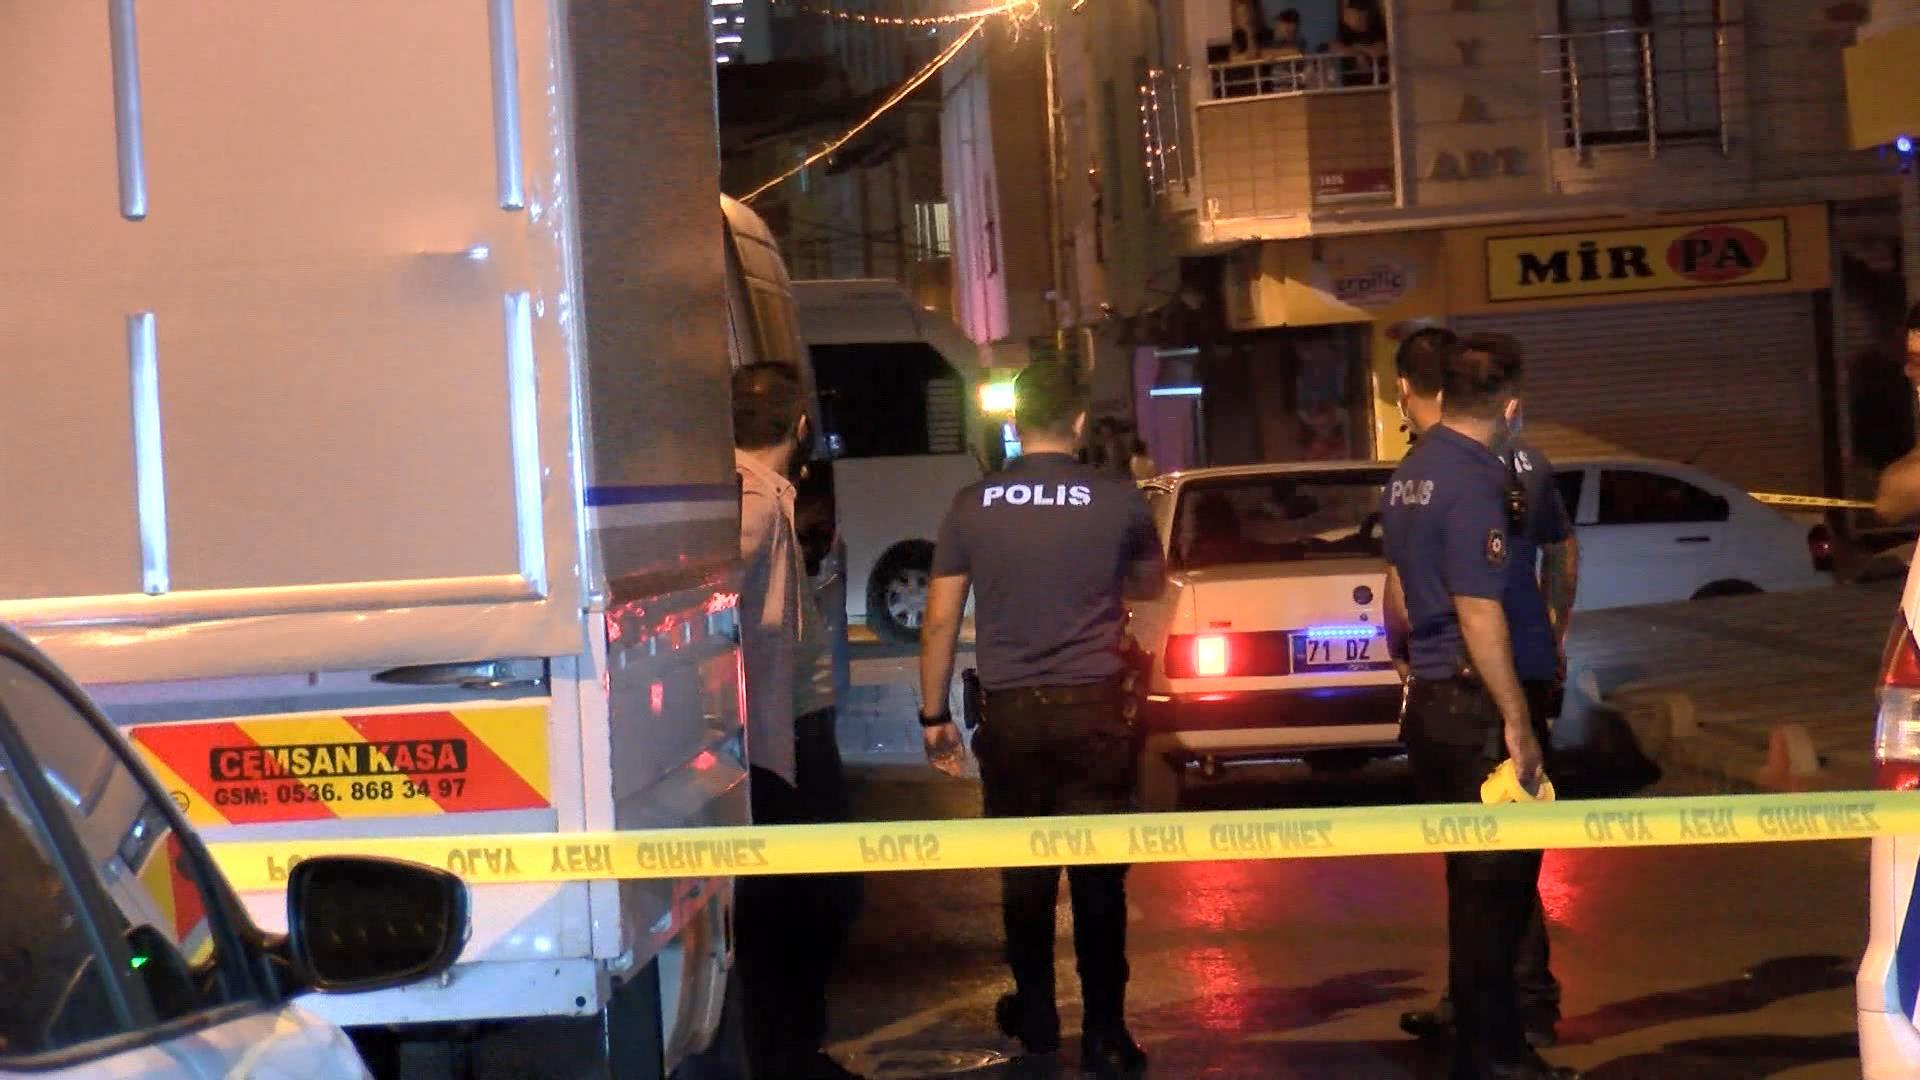 Şehir magandaları iş başında: Araçtan ateş açtılar, 5 kişiyi yaraladılar